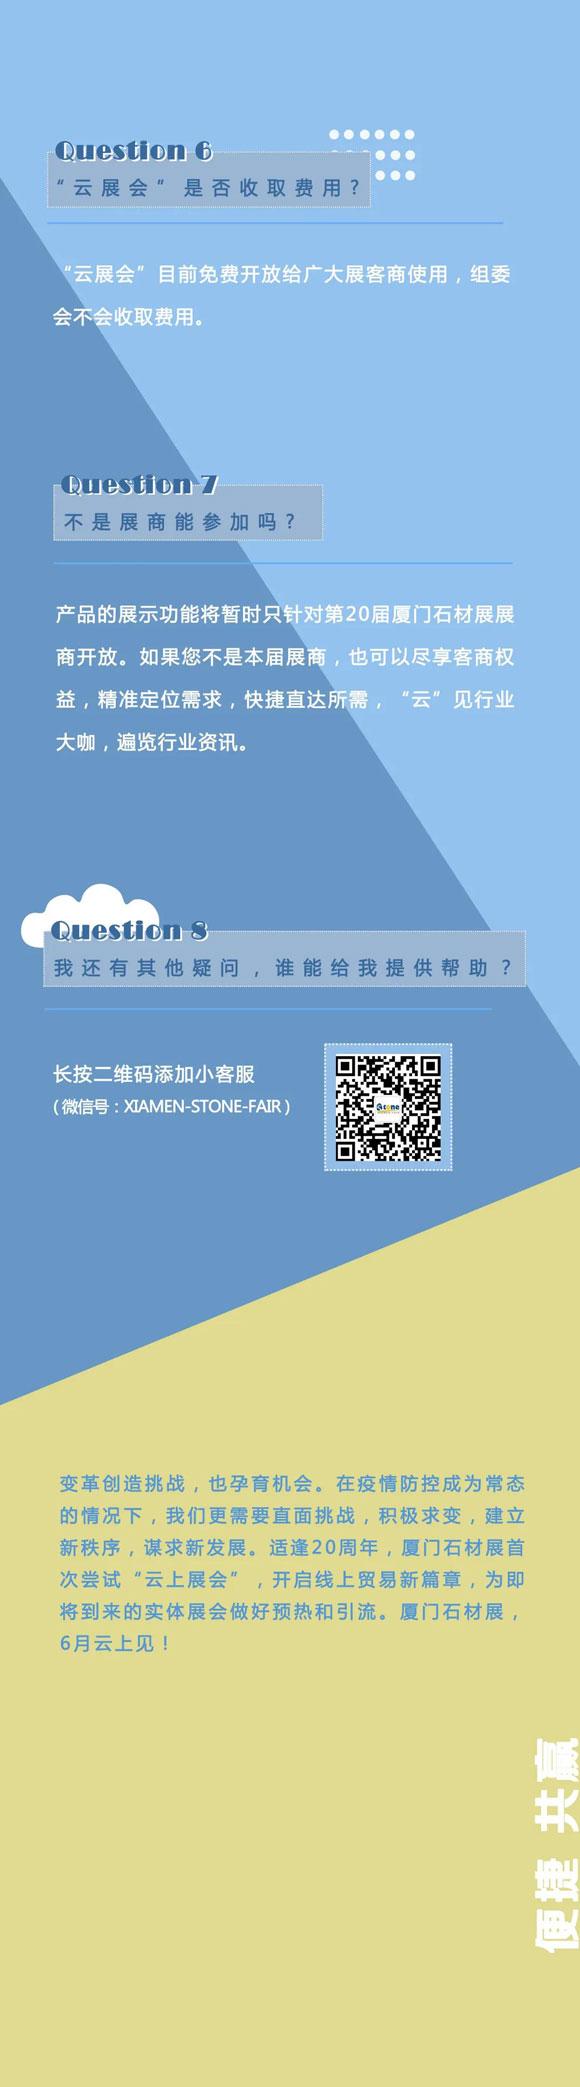 云上廈門石材展6月6日全面上線匯集57個國家和地區,已向展商開放!